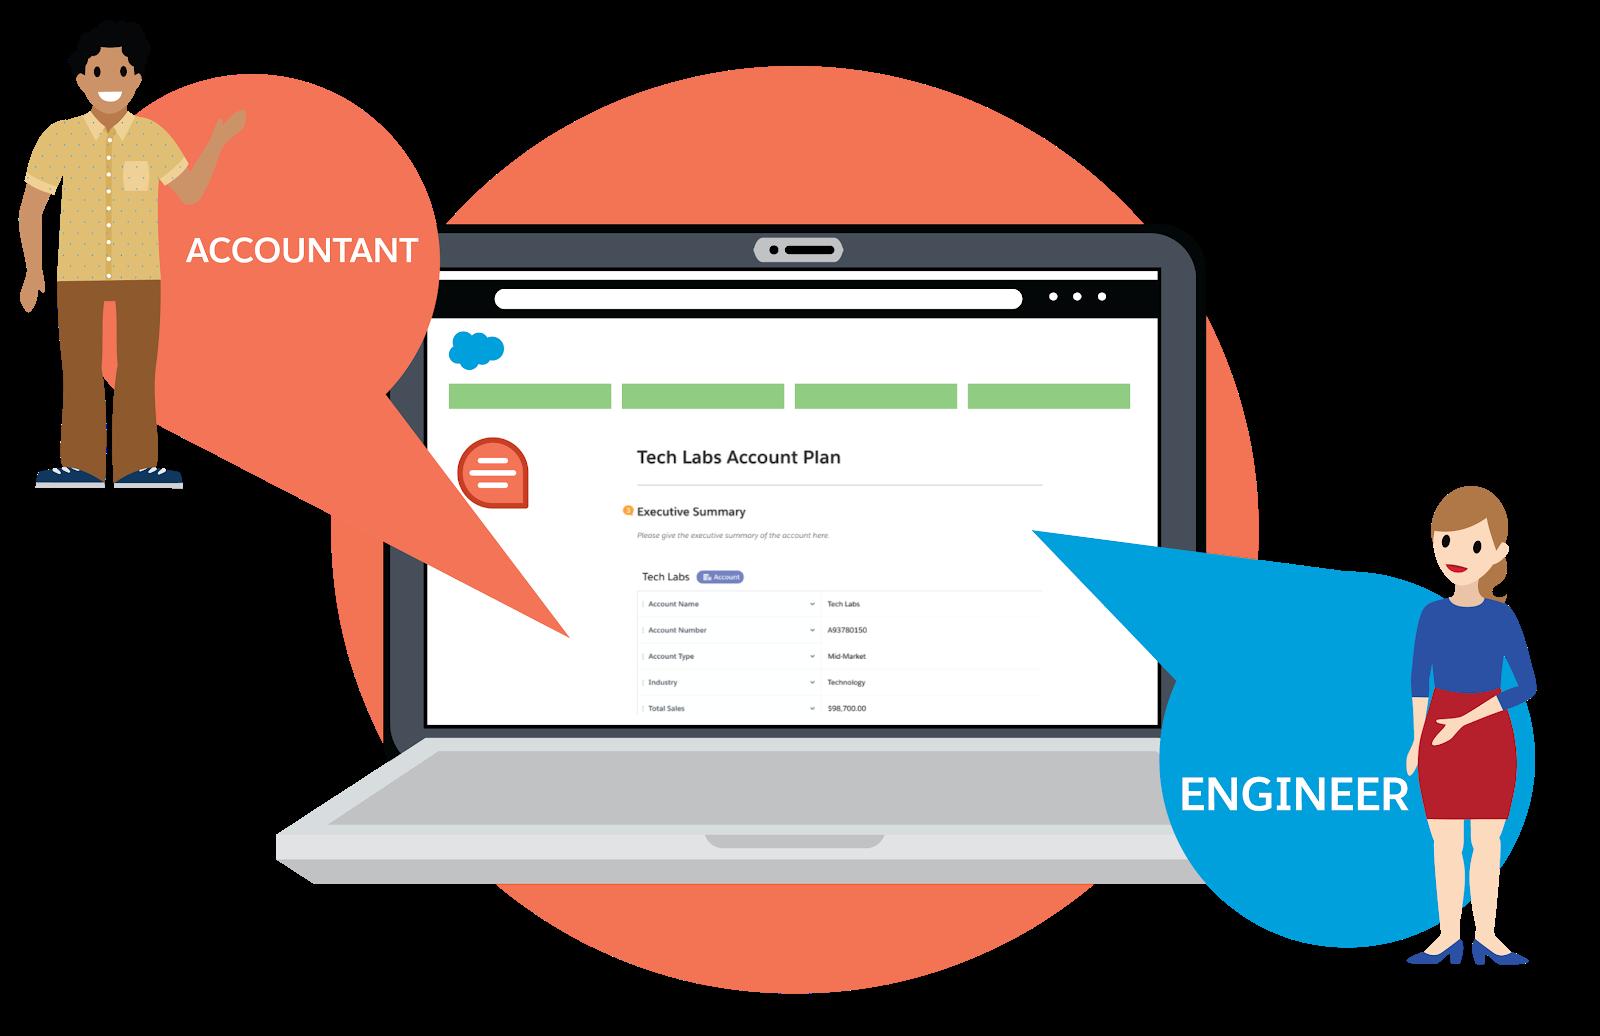 Salesforce Anywhere のアカウントプランのモックアップ。中央から 2 つの吹き出しが出ています。1 つはサンゴ色で、もう 1 つは Salesforce のような青です。一方の吹き出しには、ペンを手に持って考えているエンジニアの画像が付いています。もう一方には話しているアカウントエグゼクティブの画像があります。